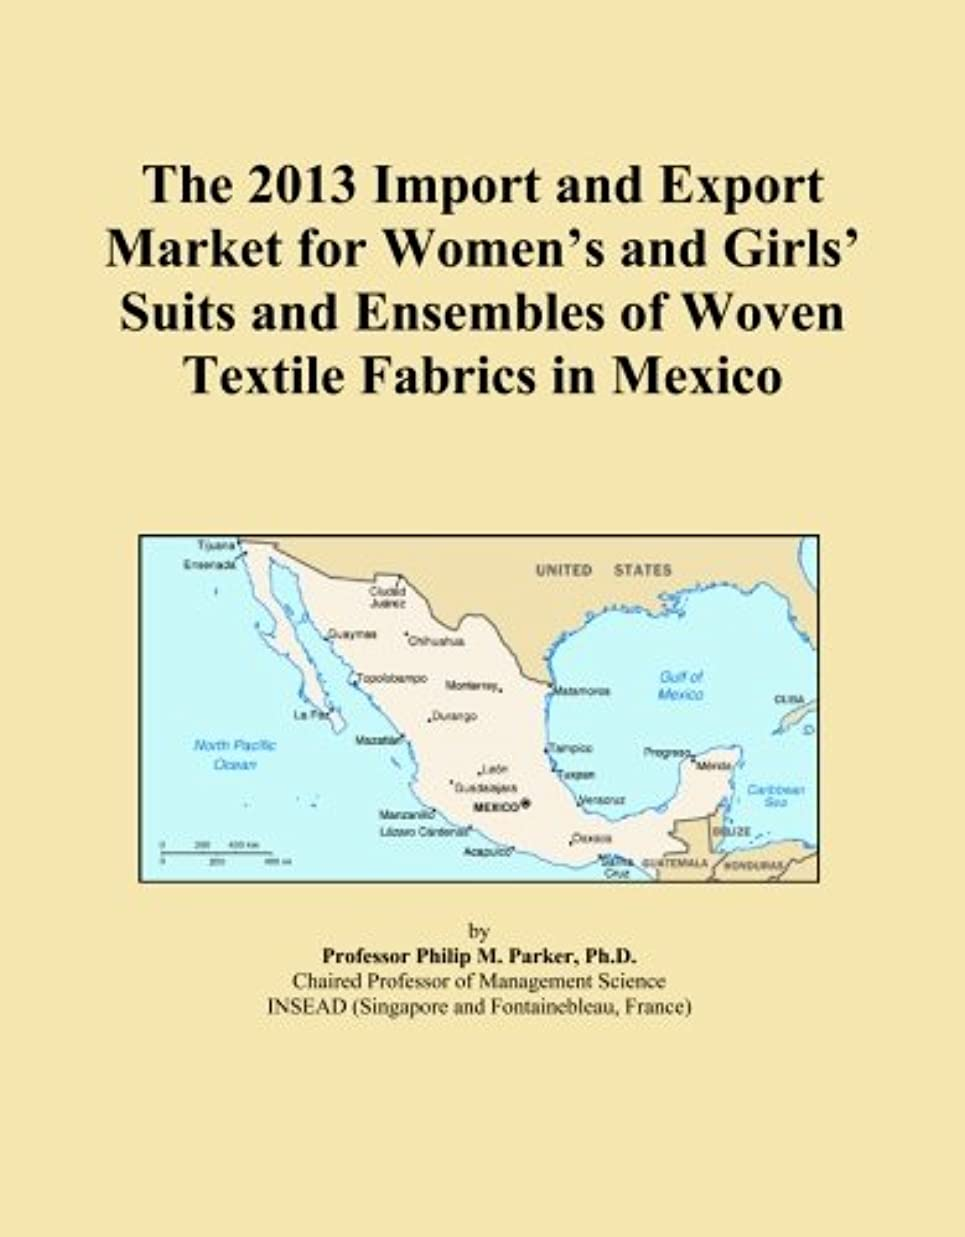 近所の待つ等々The 2013 Import and Export Market for Women's and Girls' Suits and Ensembles of Woven Textile Fabrics in Mexico